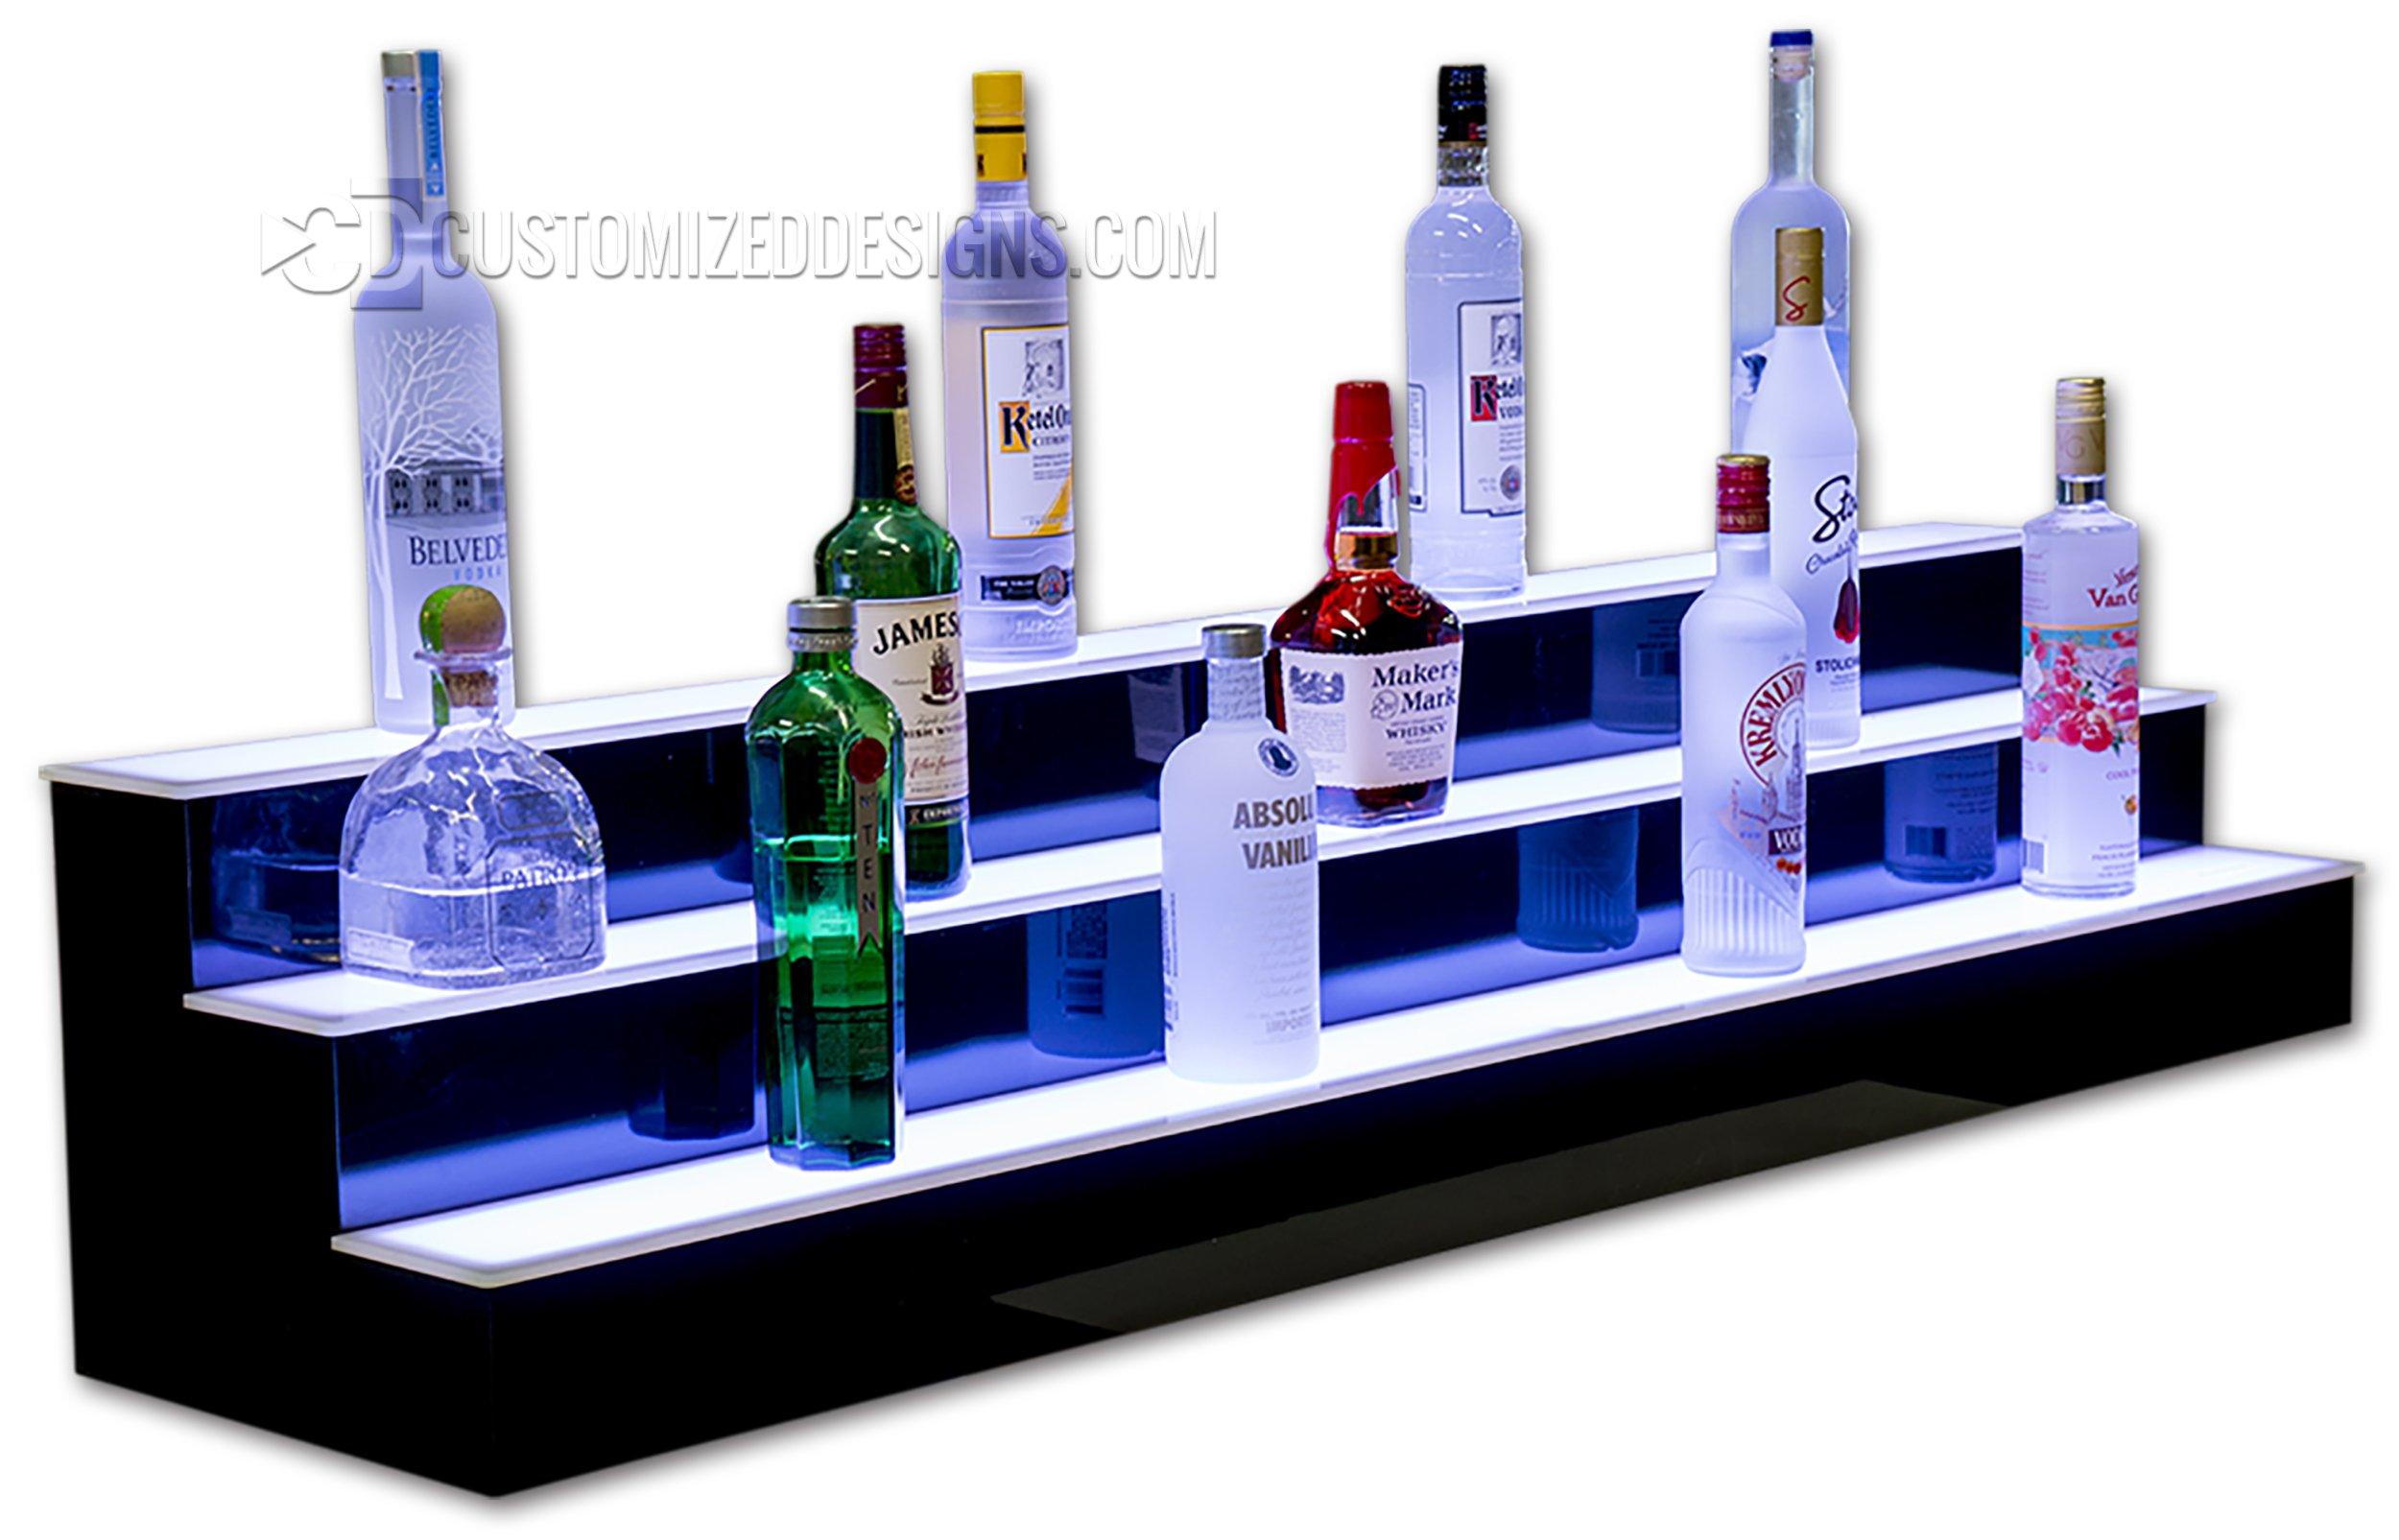 60'' 3 Step Led Illluminated Commercial Grade Back Bar Shelving, Programmable LED Lighting